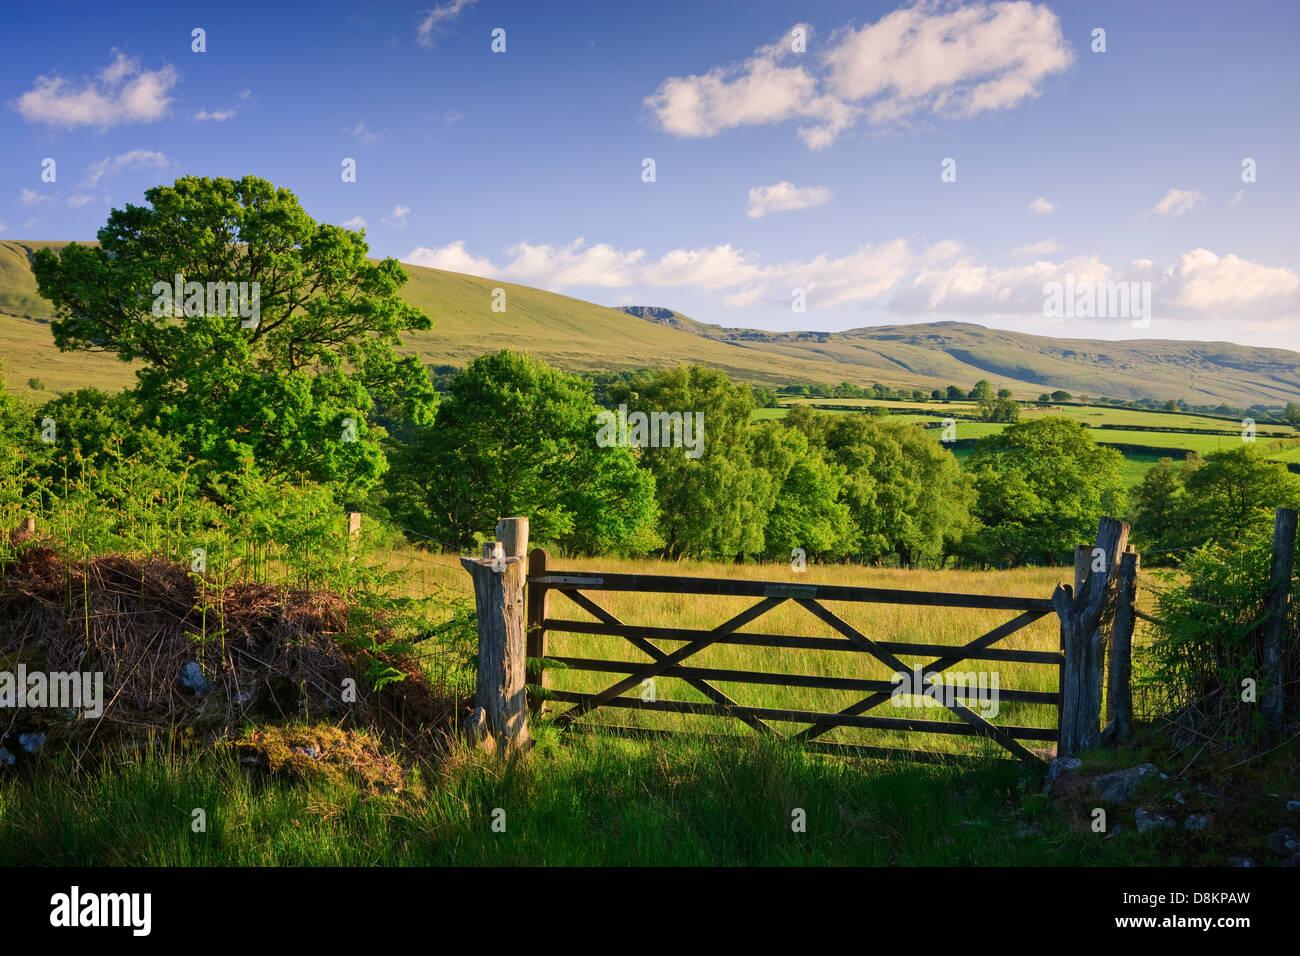 Paisaje rural Y Mynydd Llanddeusant (Du) Black Mountain Parque Nacional de Brecon Beacons Carmarthenshire Gales Imagen De Stock